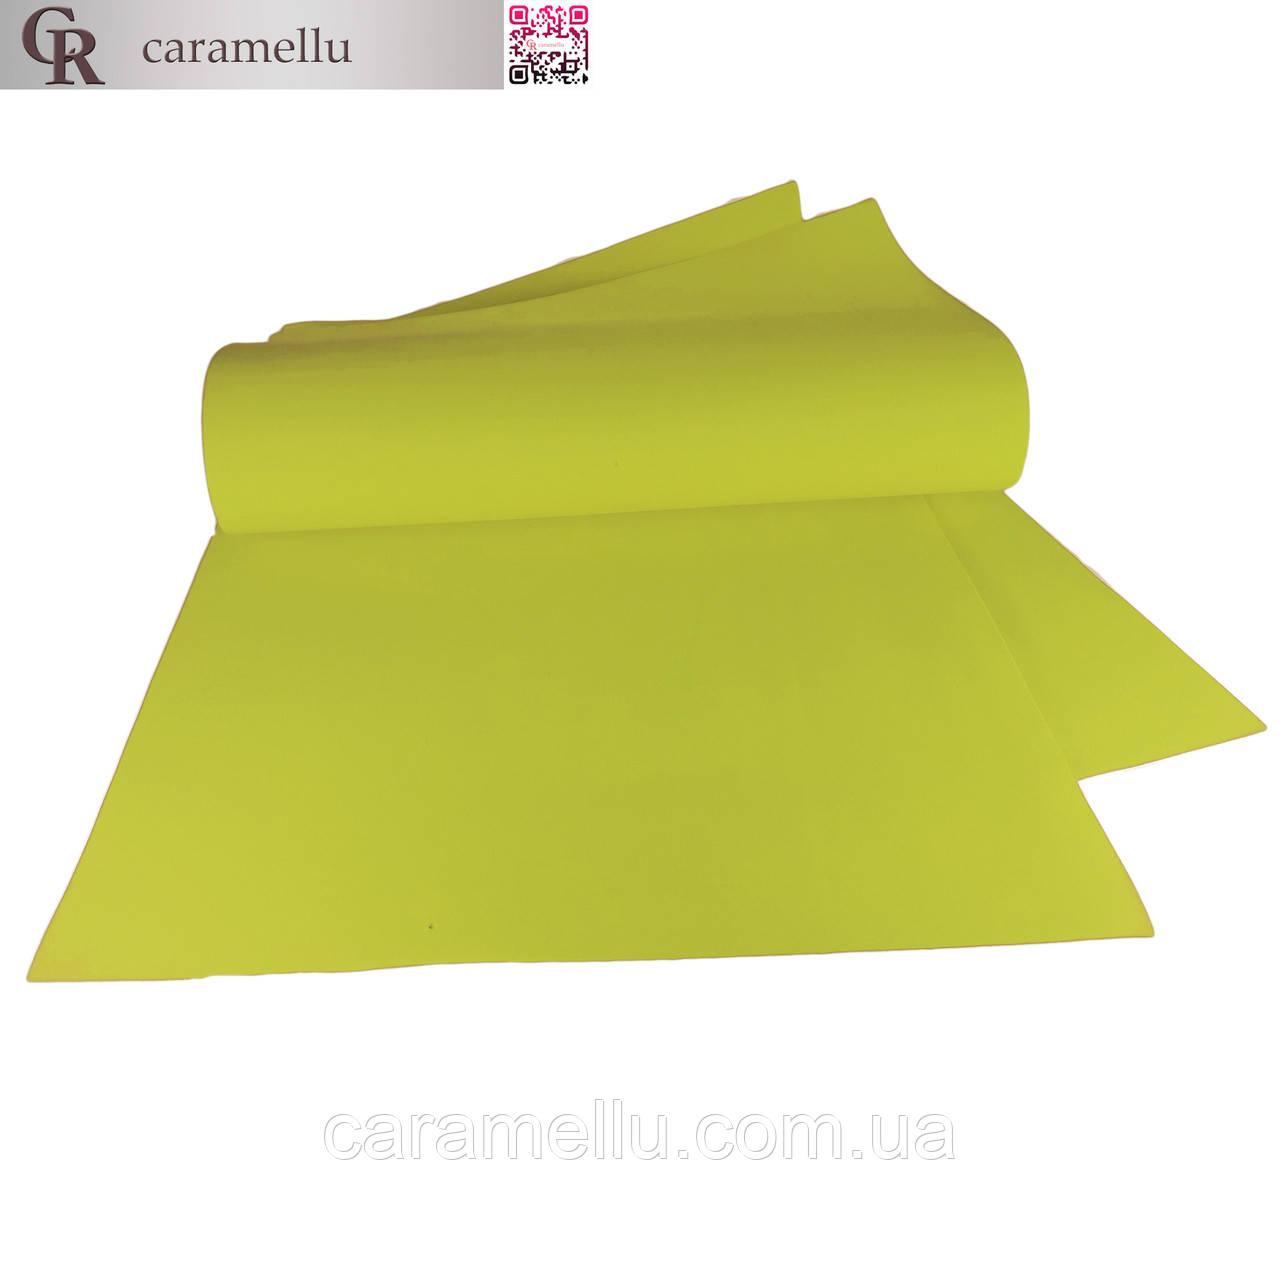 Фоамиран иранский 119, Желто-зеленый, 70х60см.